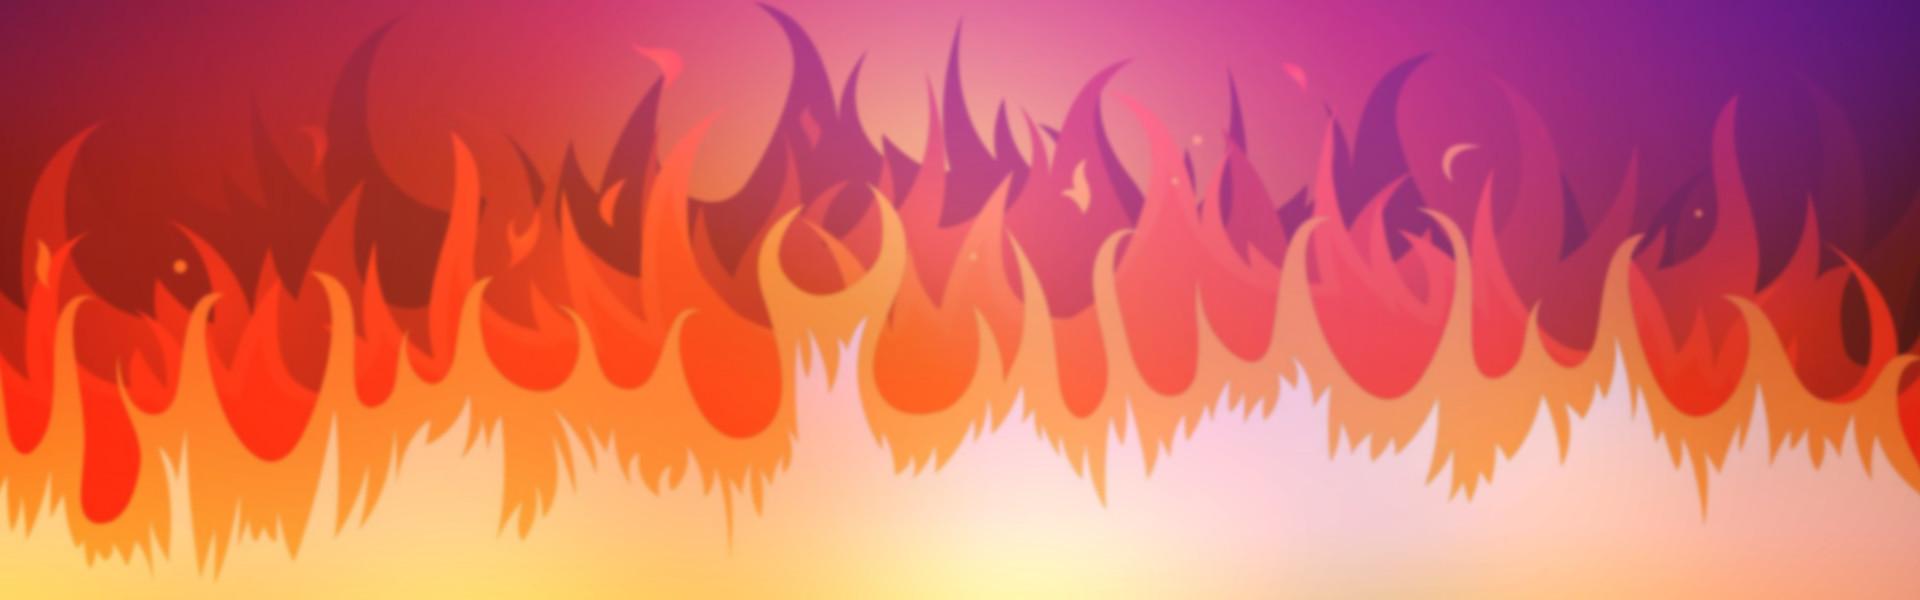 Fondoflames